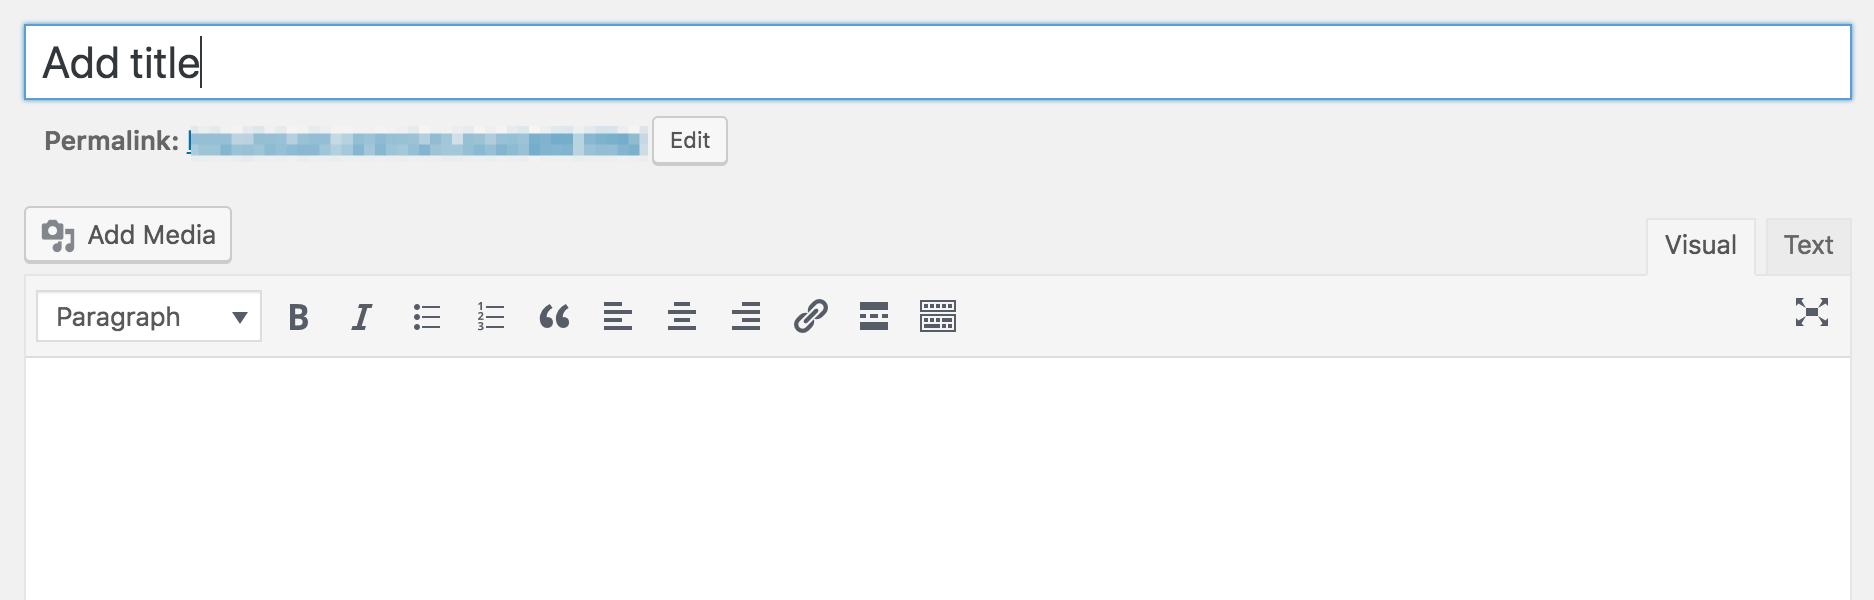 Add title box in WordPress Classic editor